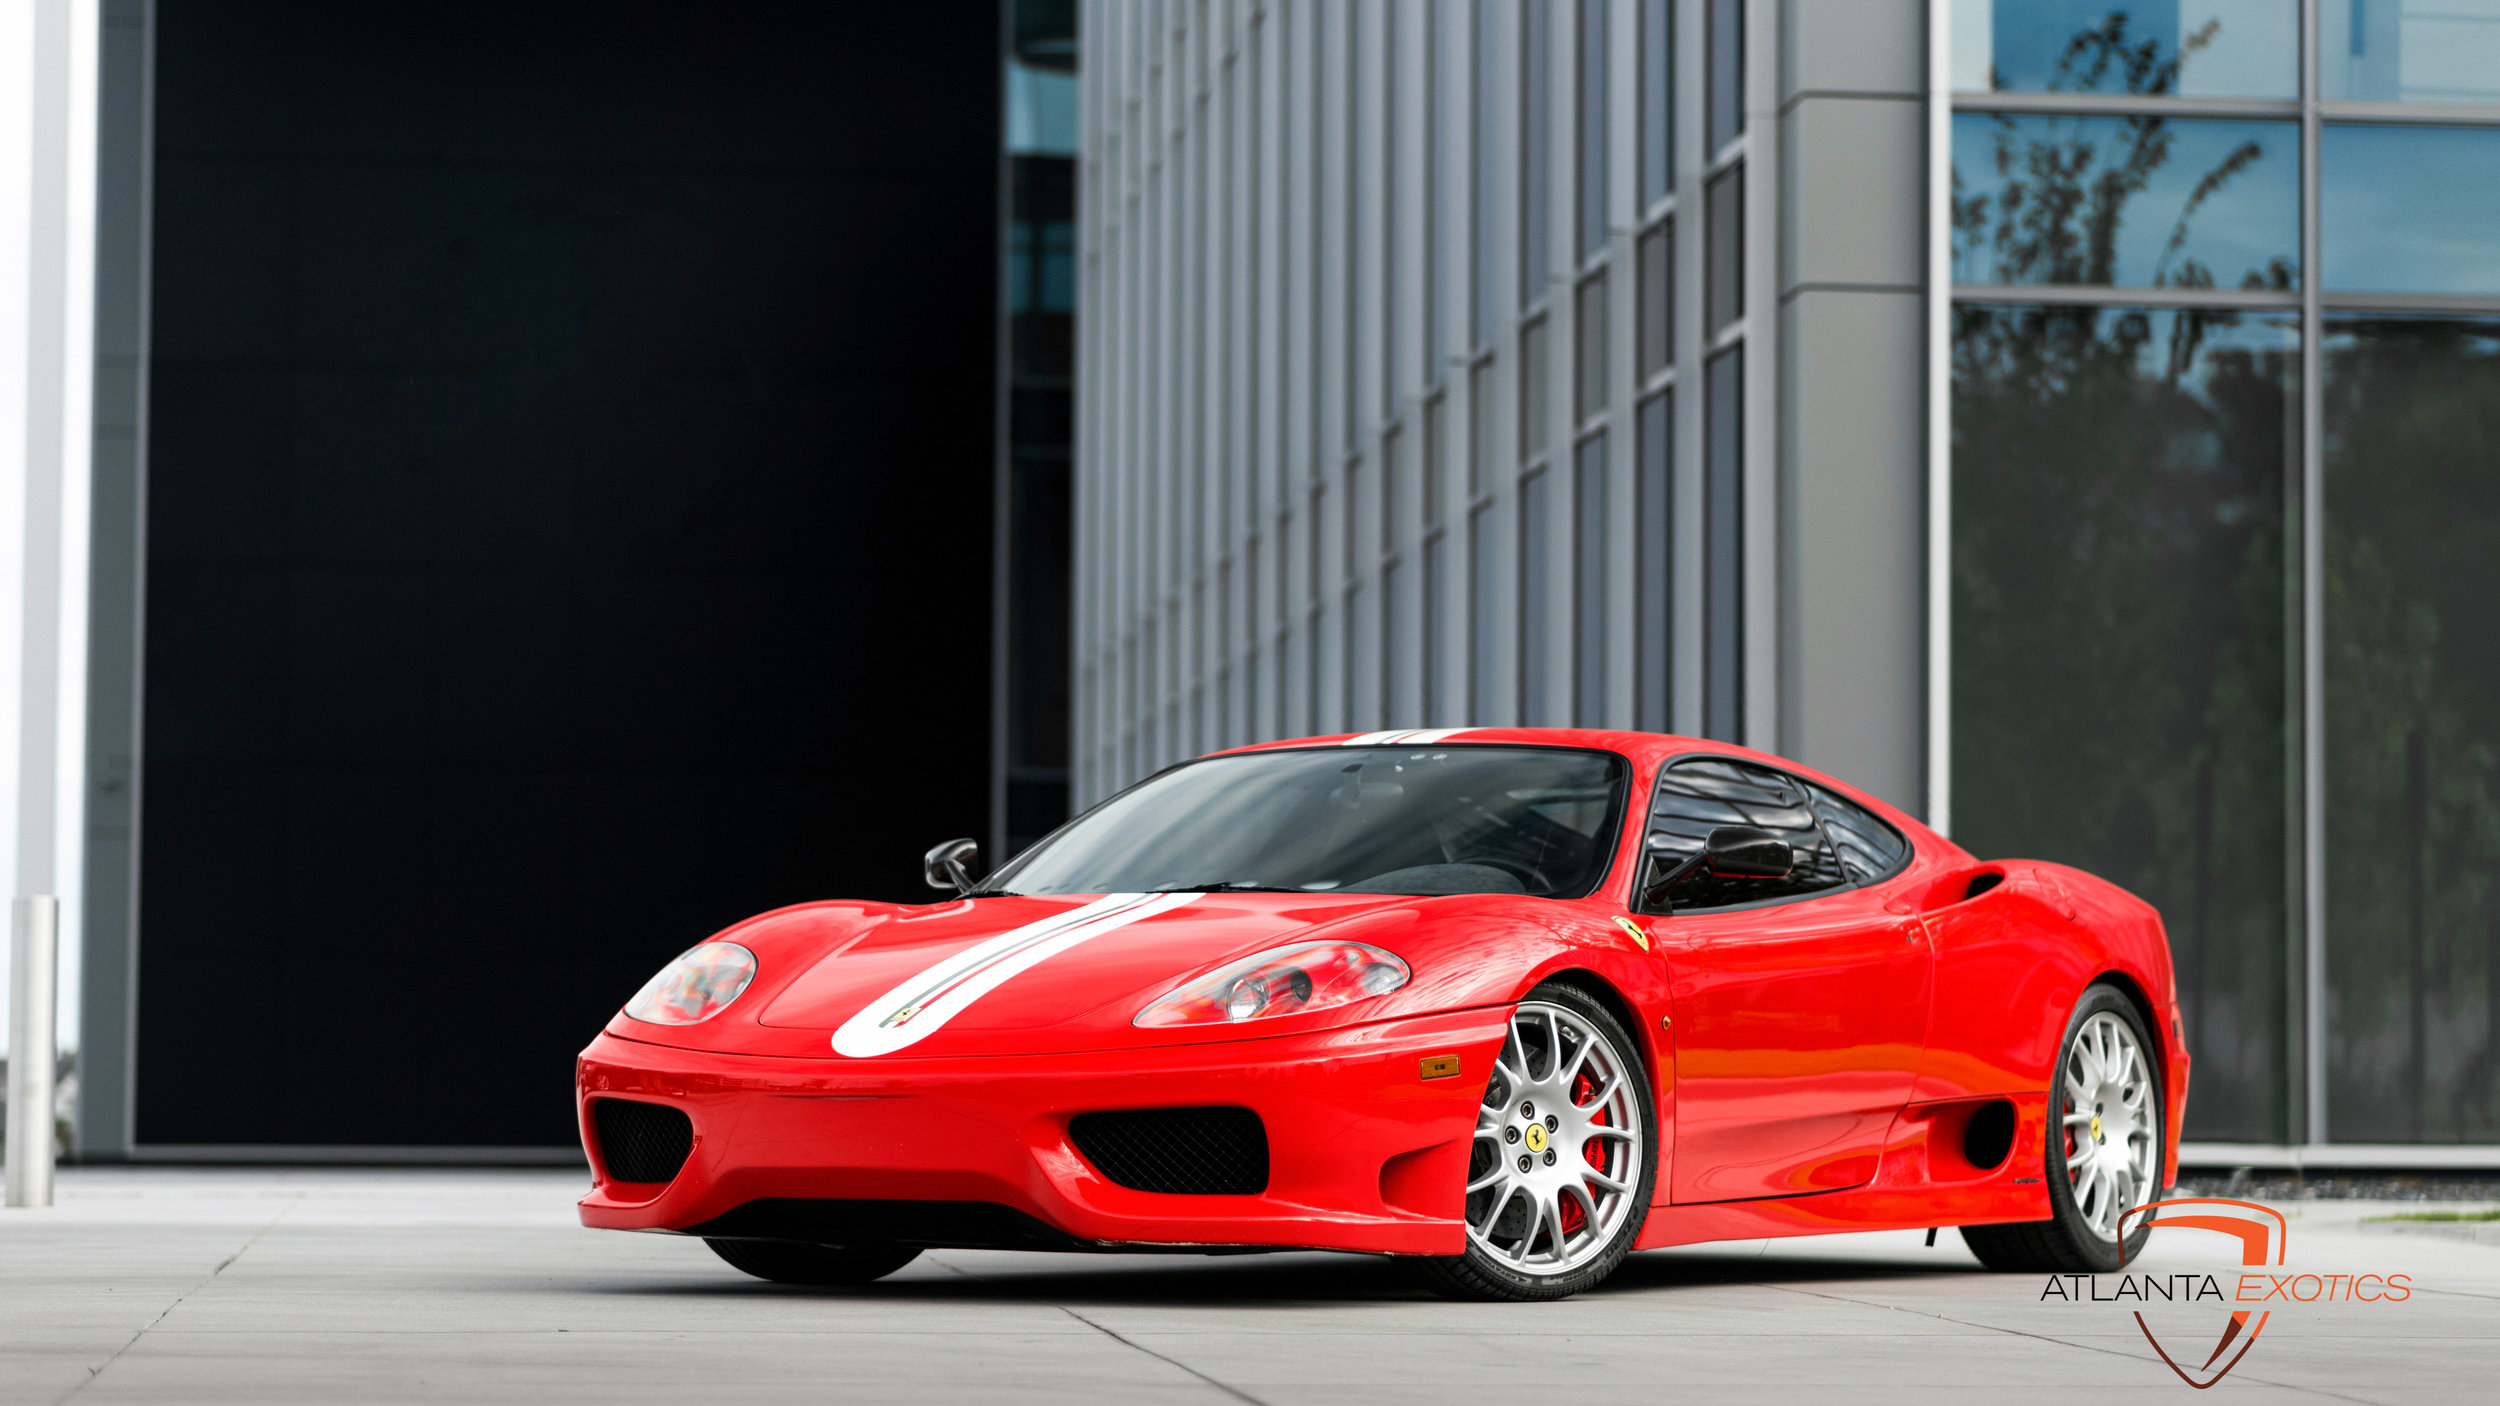 For Sale 2004 Ferrari Challenge Stradale 360cs Ferrarichat